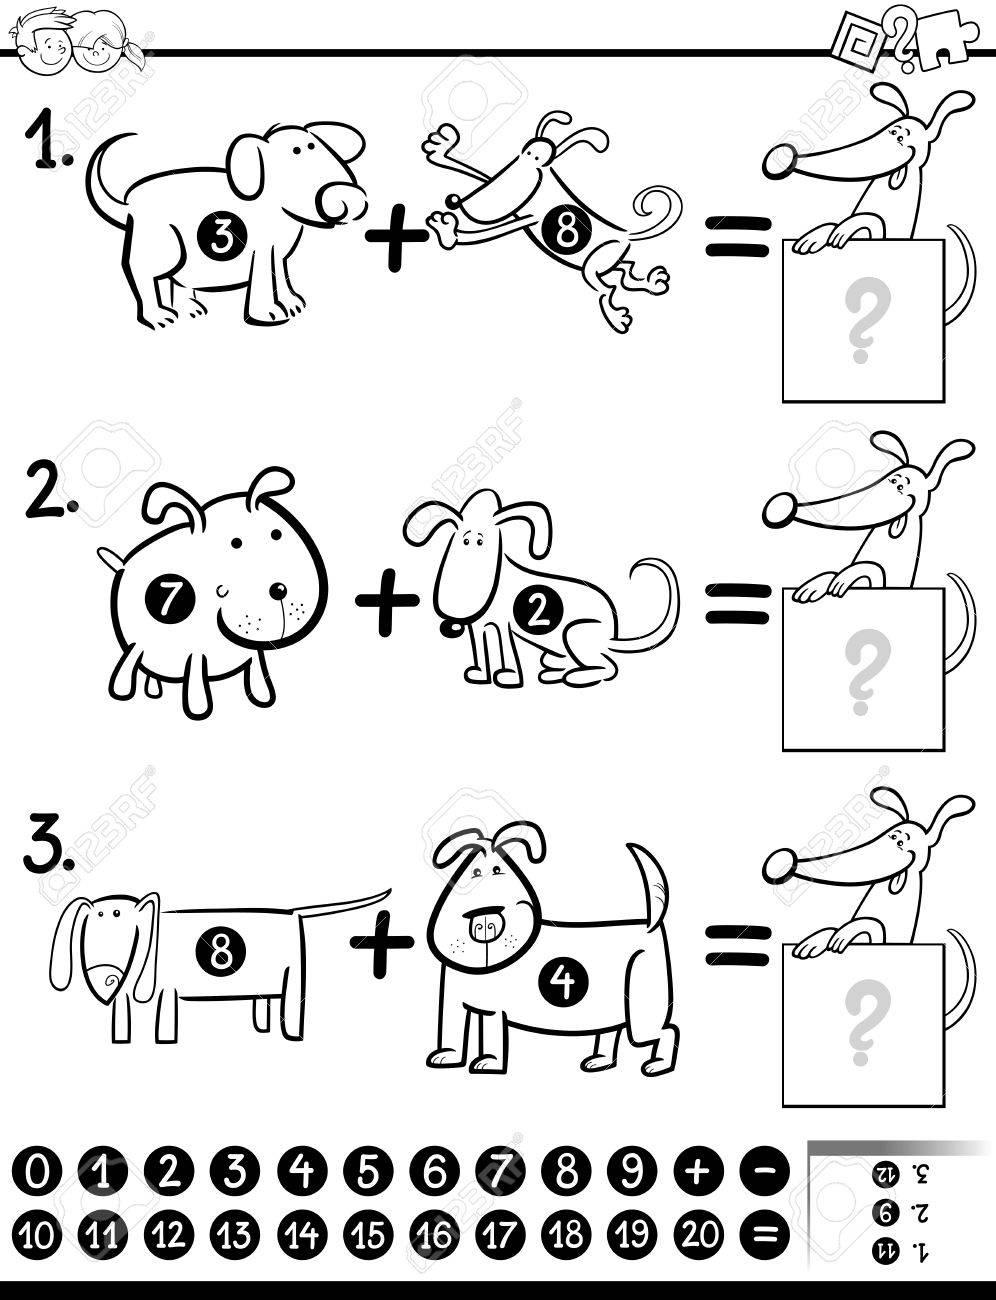 塗り絵犬文字児教育数学追加アクティビティ タスクの黒と白の漫画